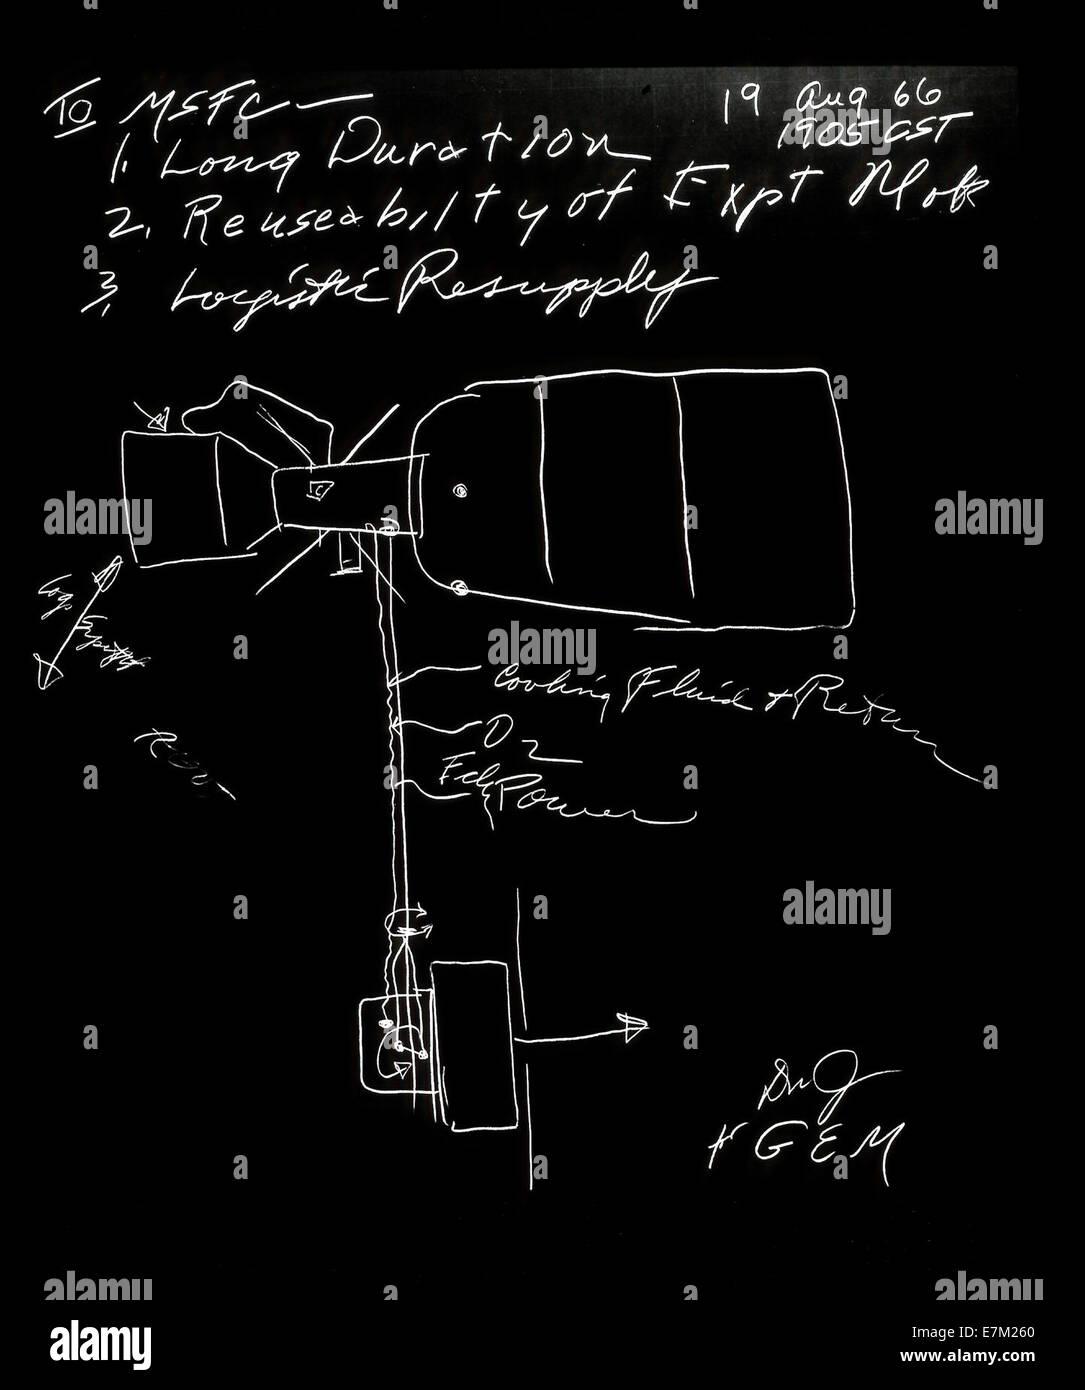 El Skylab concepto por George Mueller Imagen De Stock